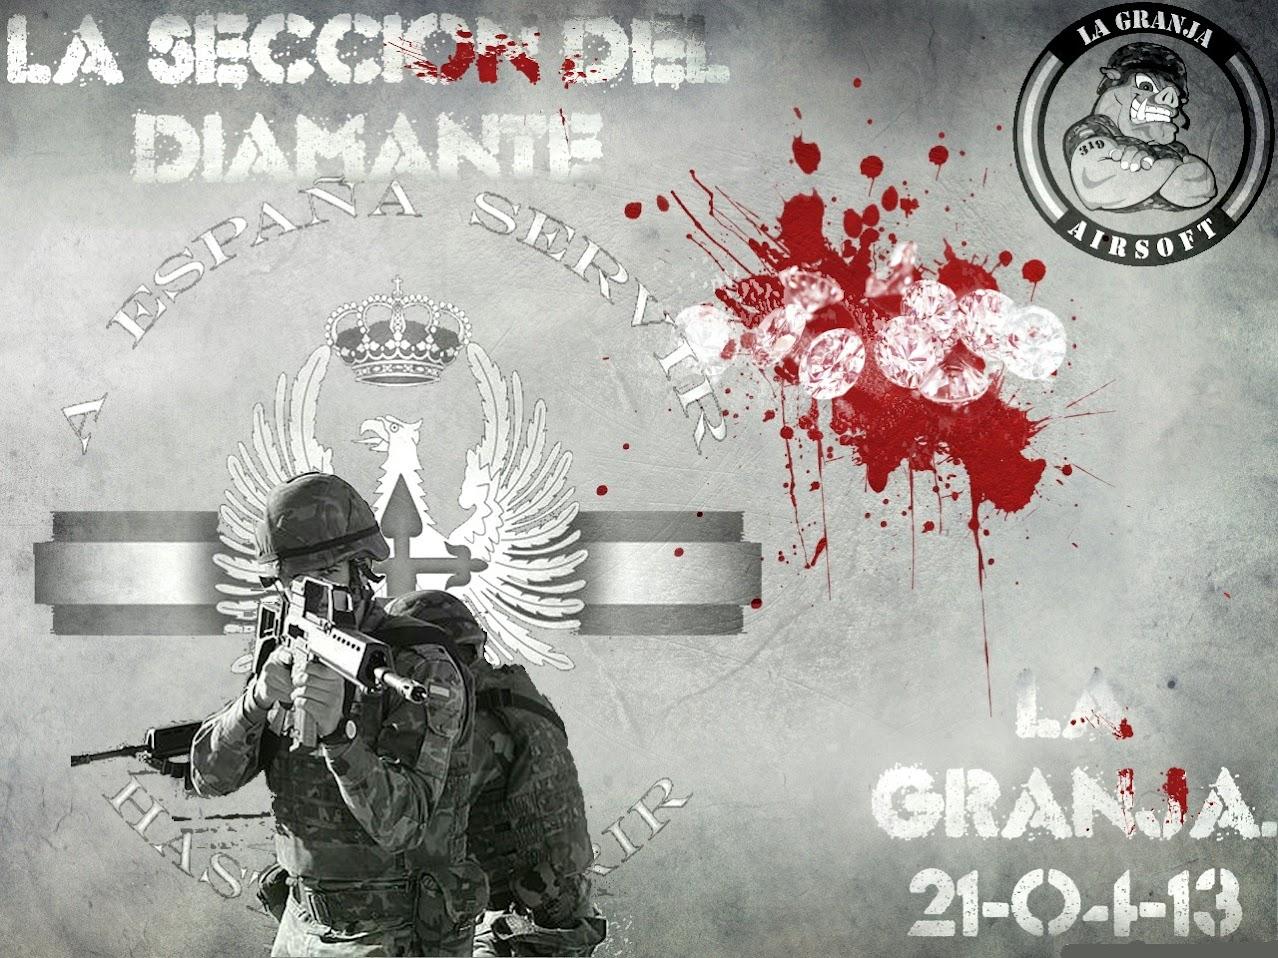 21/04/13 - La Sección del Diamante - Partida abierta - La Granja Airsoft LA+SECCION+DEL+DIAMANTE.